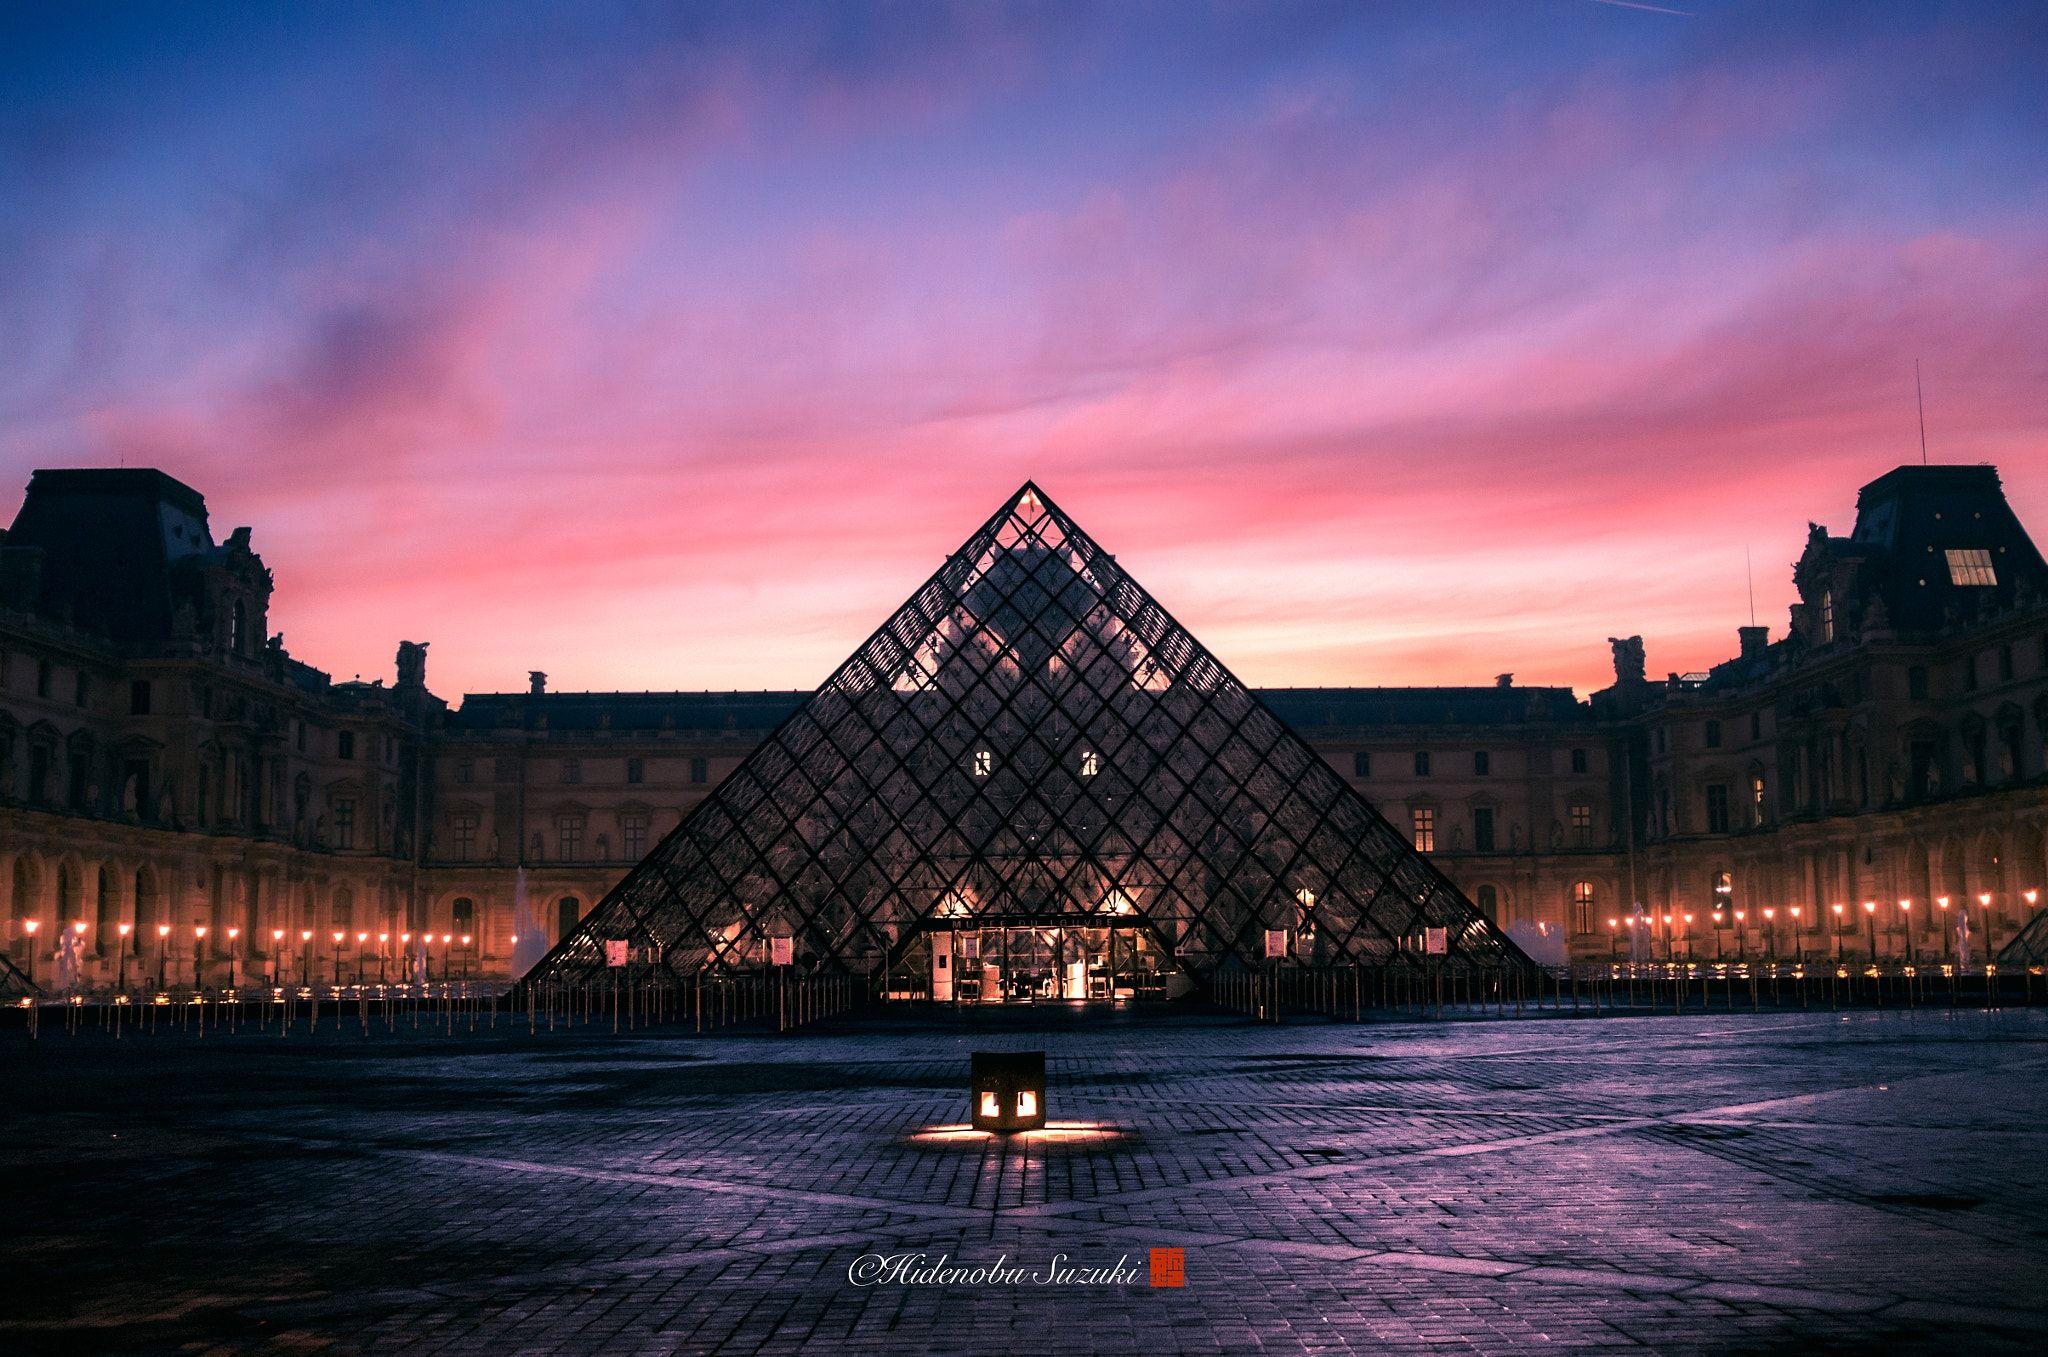 beautiful memory - Wonderful memories of Louvre.